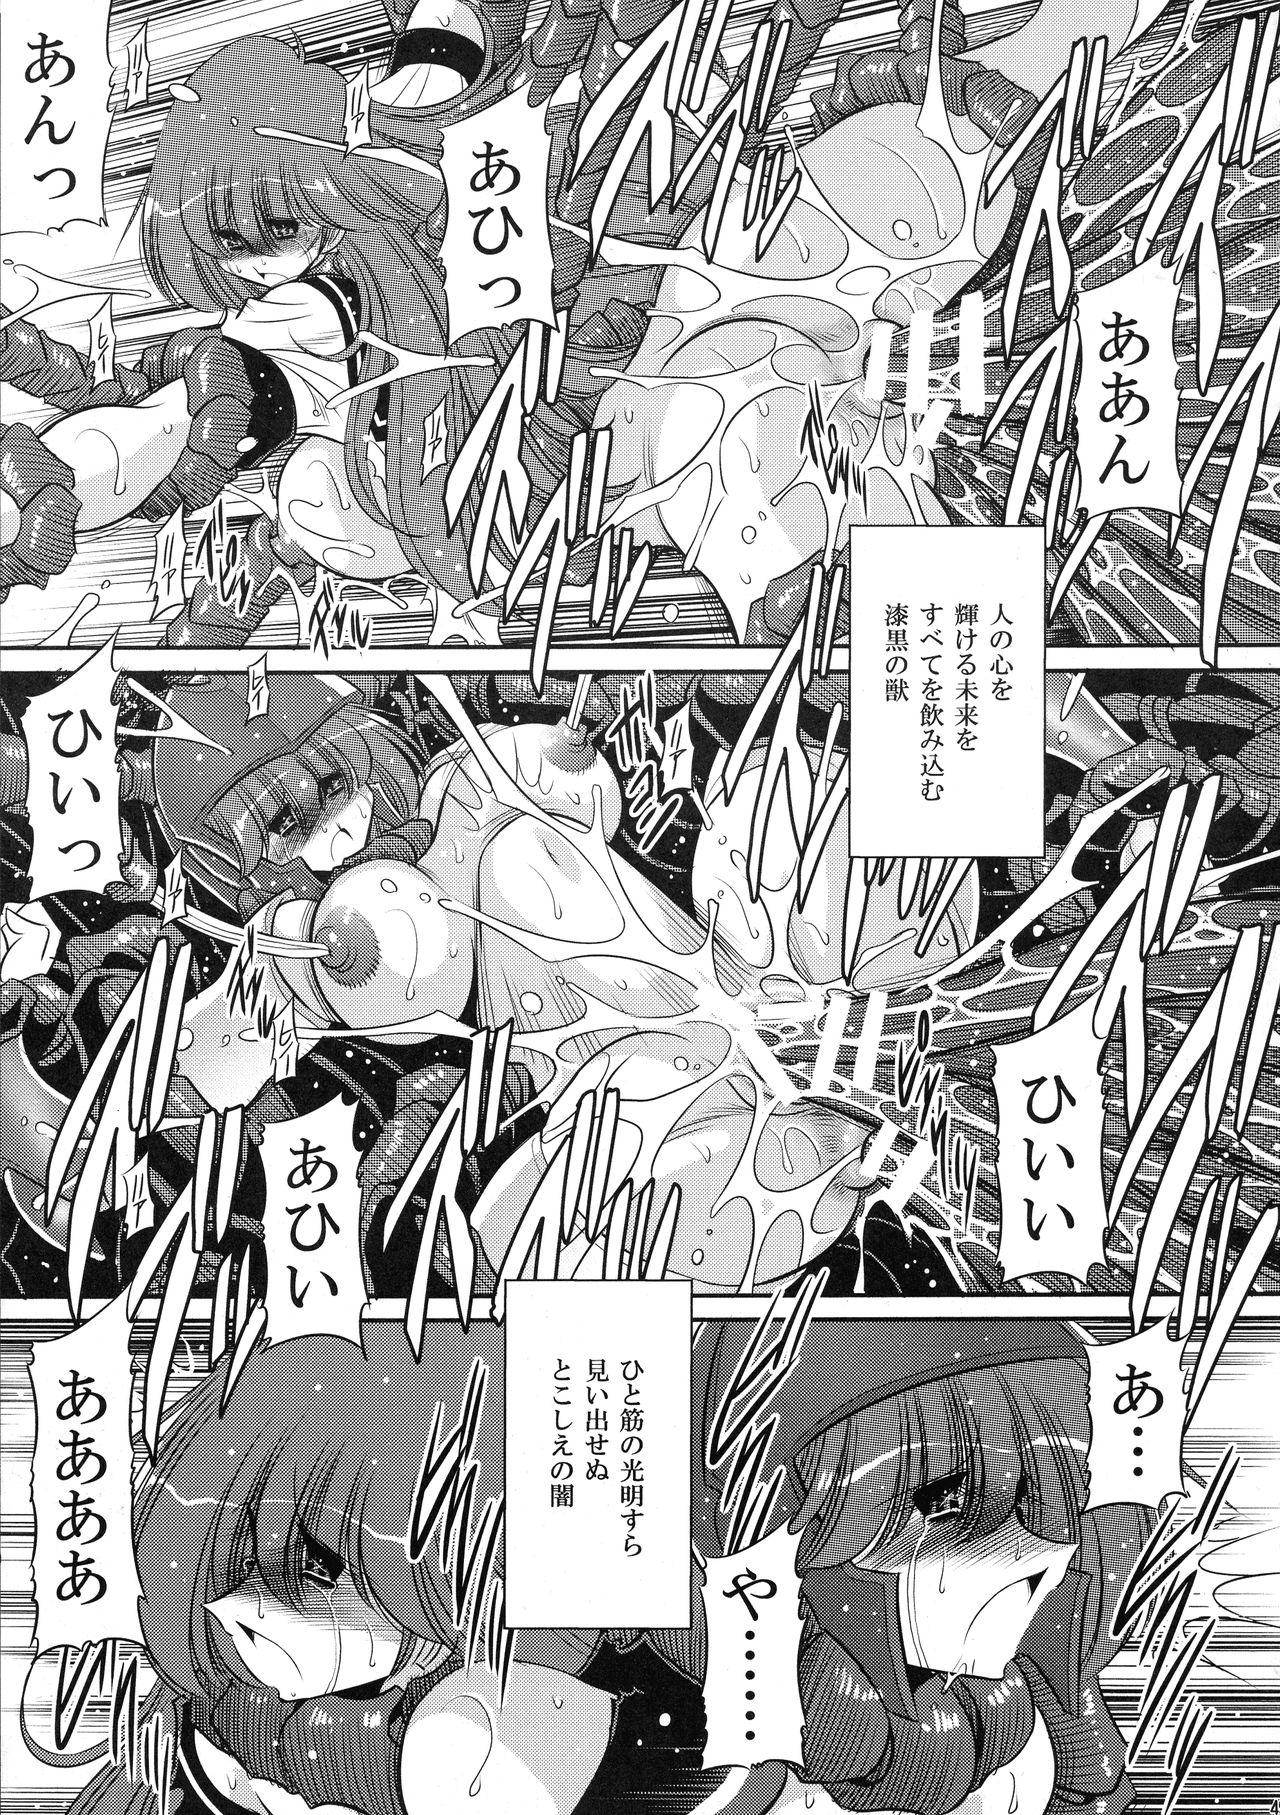 Cronos no Dai Gyakushuu 48